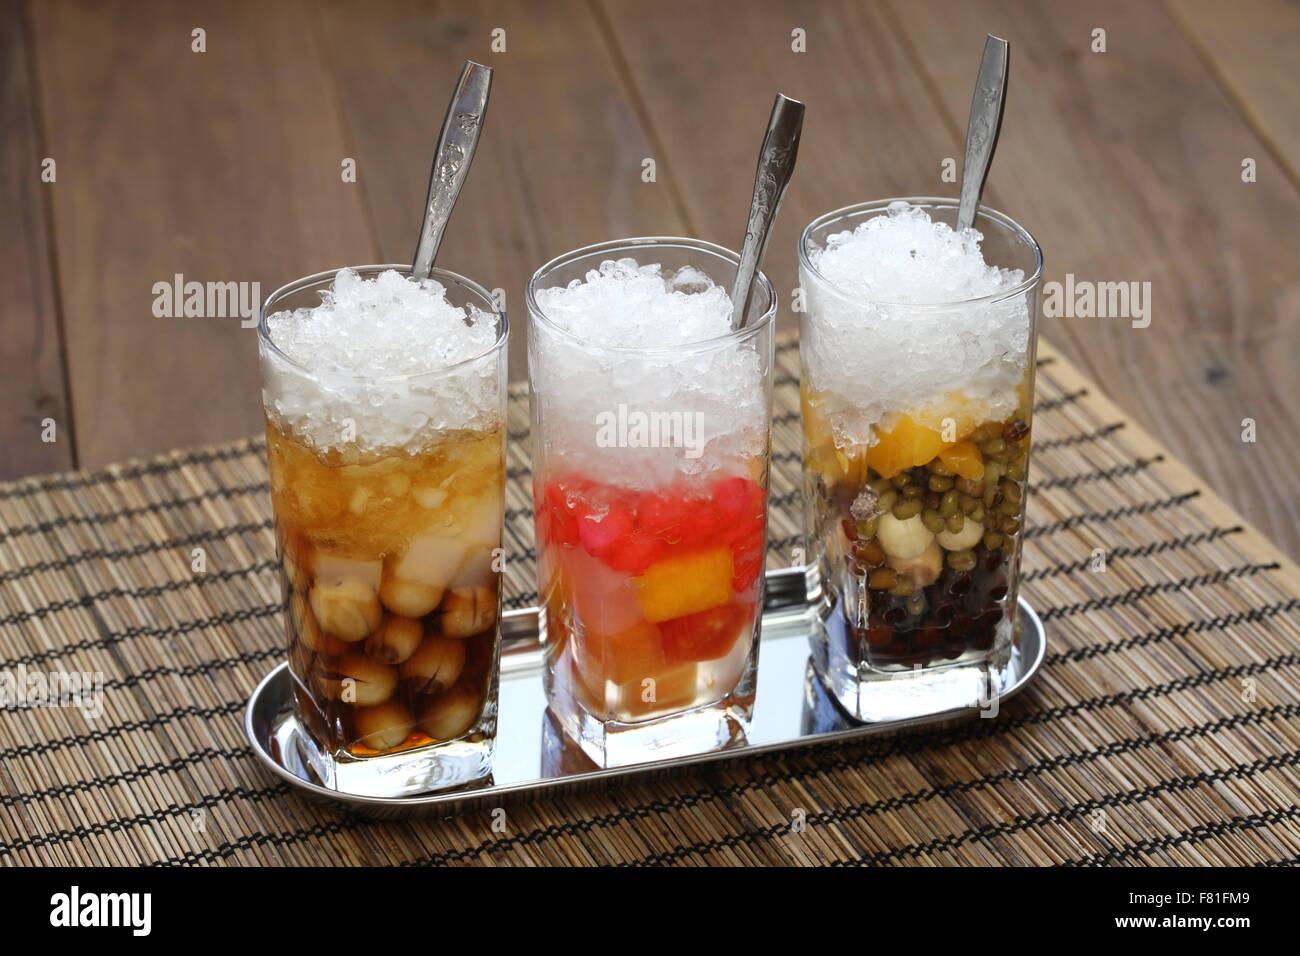 Che es una sopa dulce postre vietnamita, normalmente servido en un vaso con hielo y se come con una cuchara. Imagen De Stock